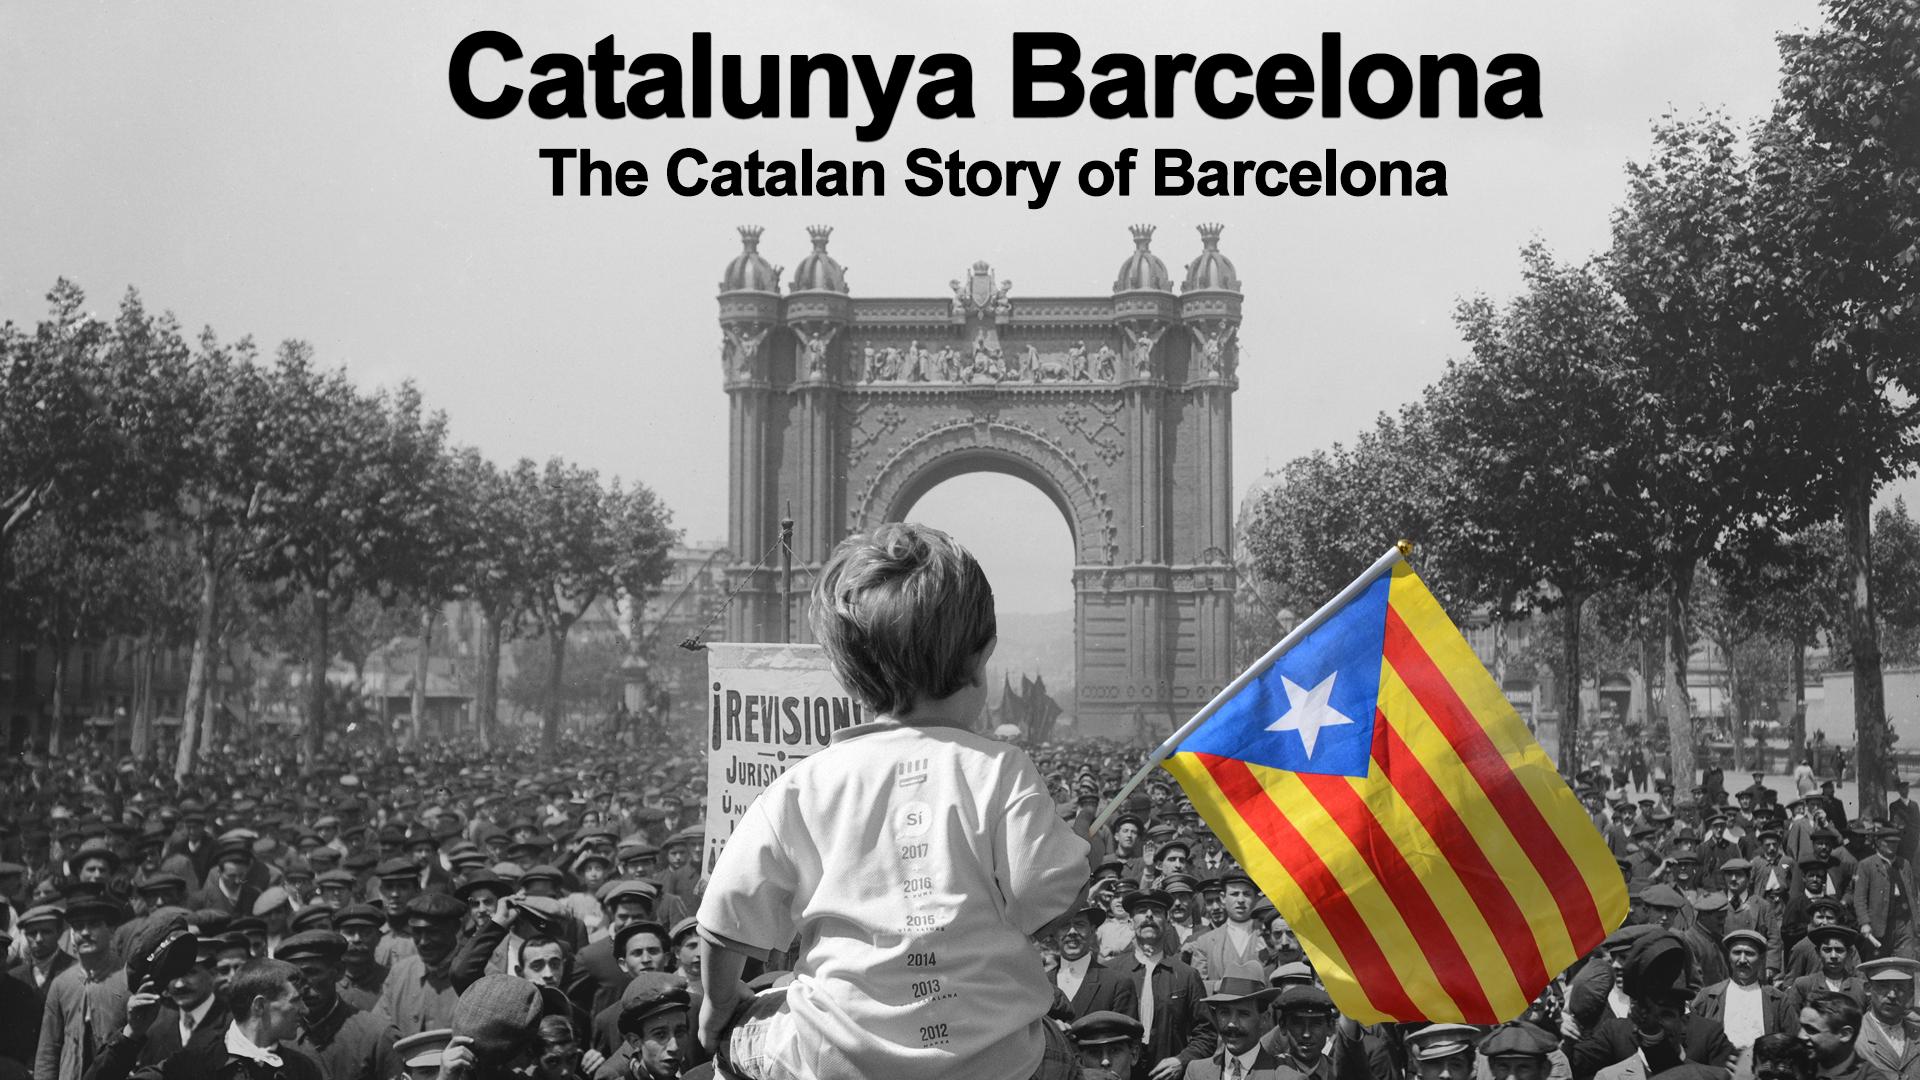 Catalunya Barcelona: The Catalan Story of Barcelona